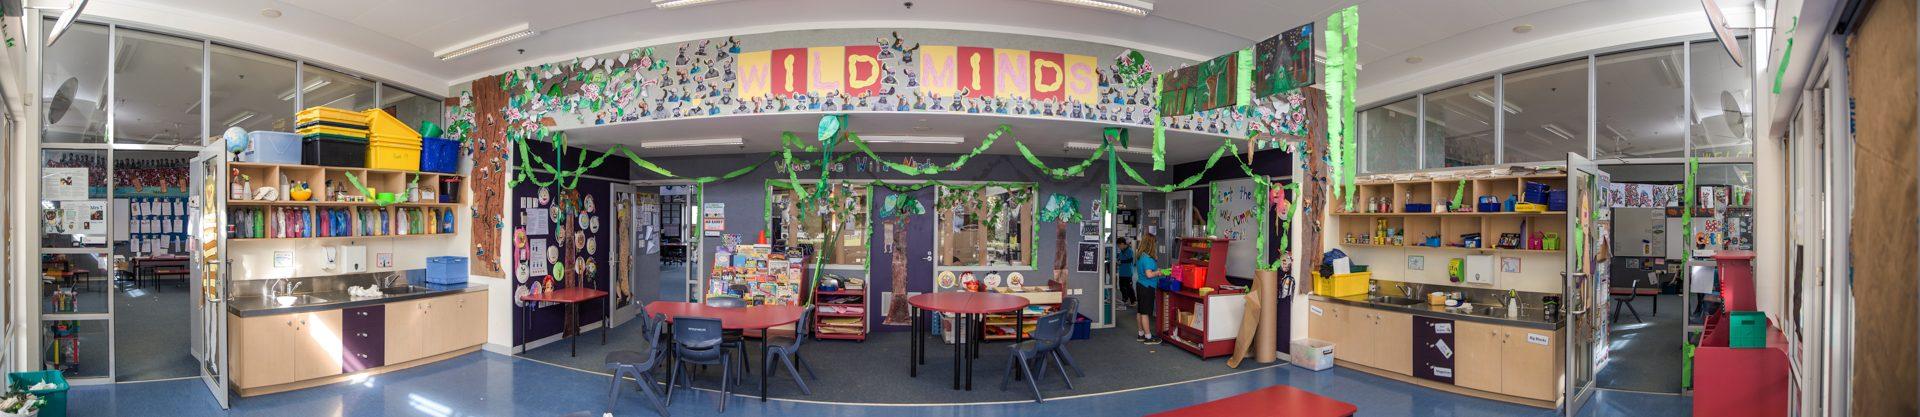 Tour, Upper Harbour Primary School